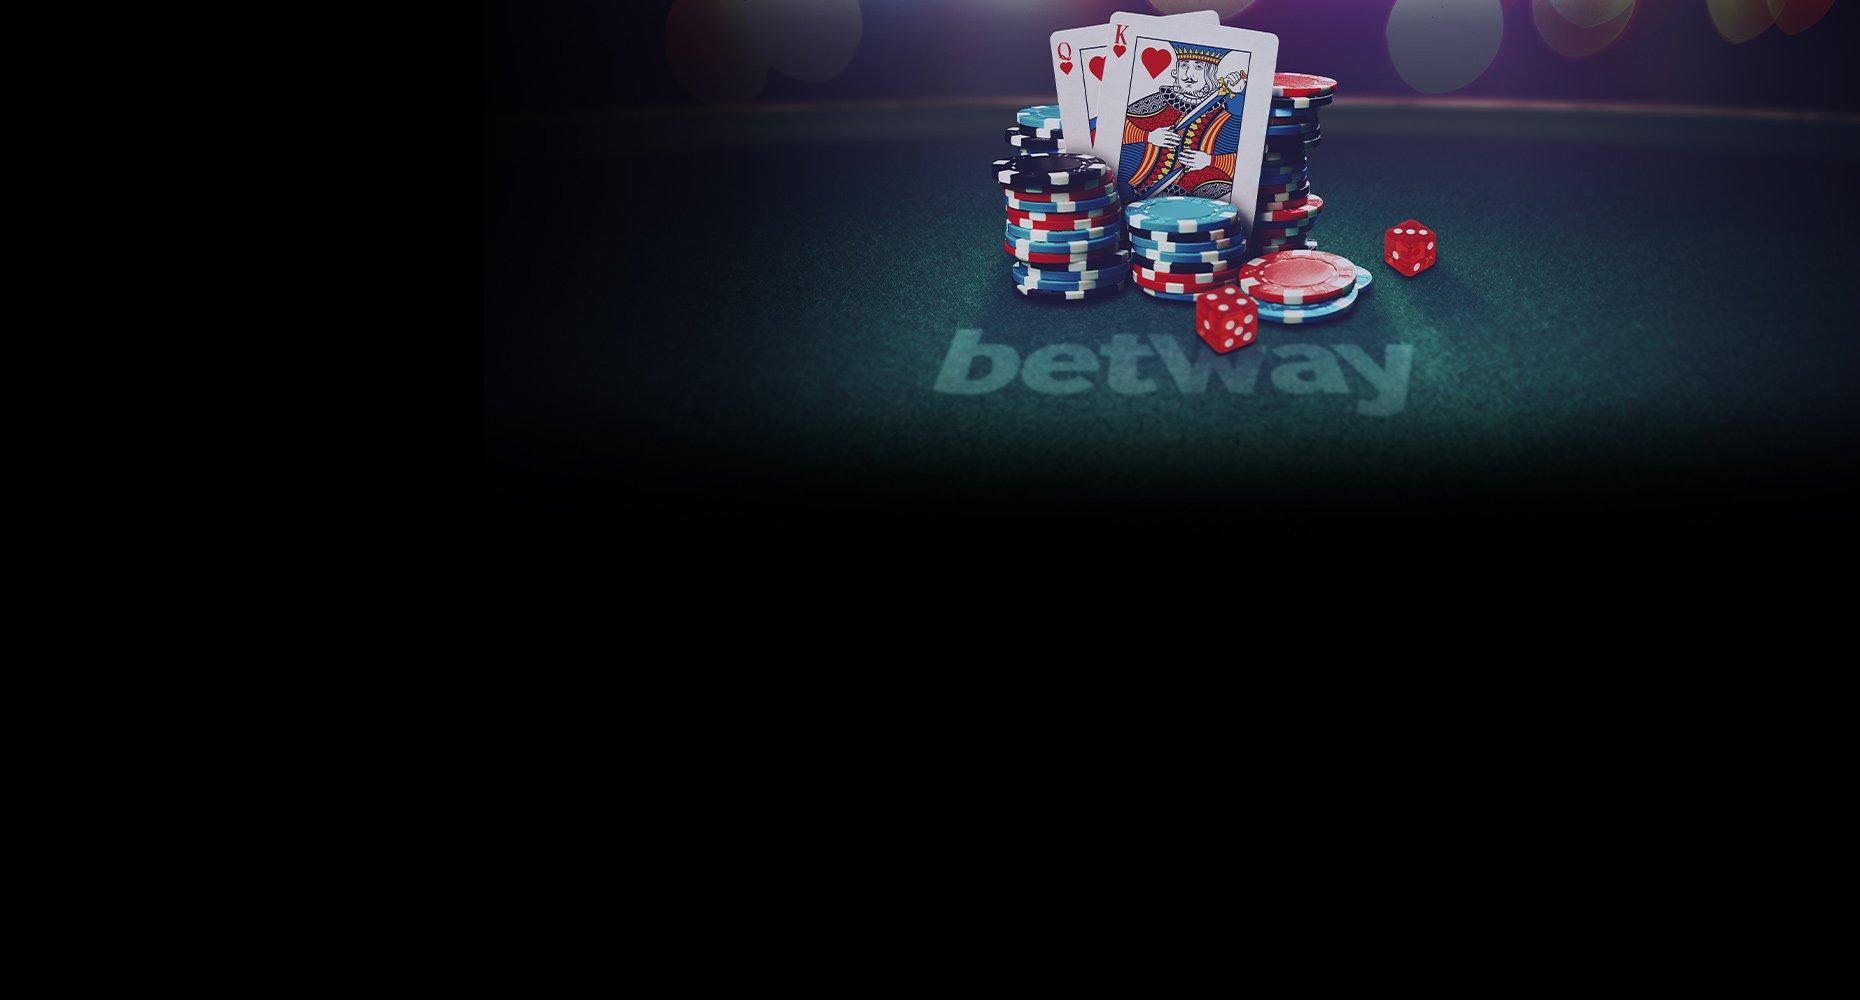 Игры онлайн бесплатно азартные играть карты казино 777 онлайн бесплатно